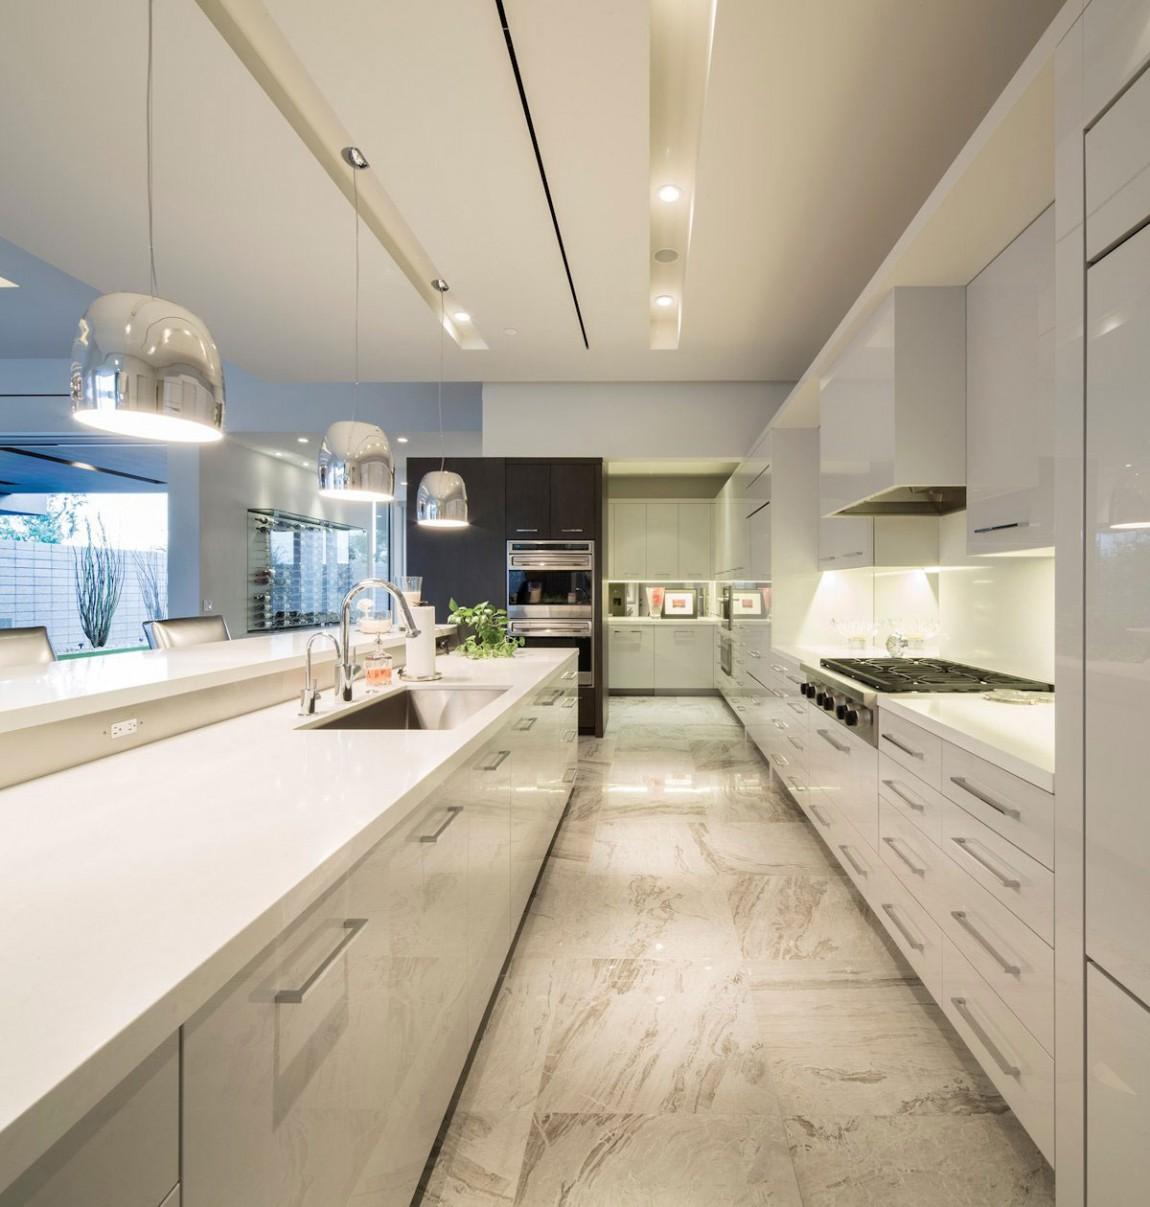 Роскошный интерьер кухни в загородном доме - Фото 41